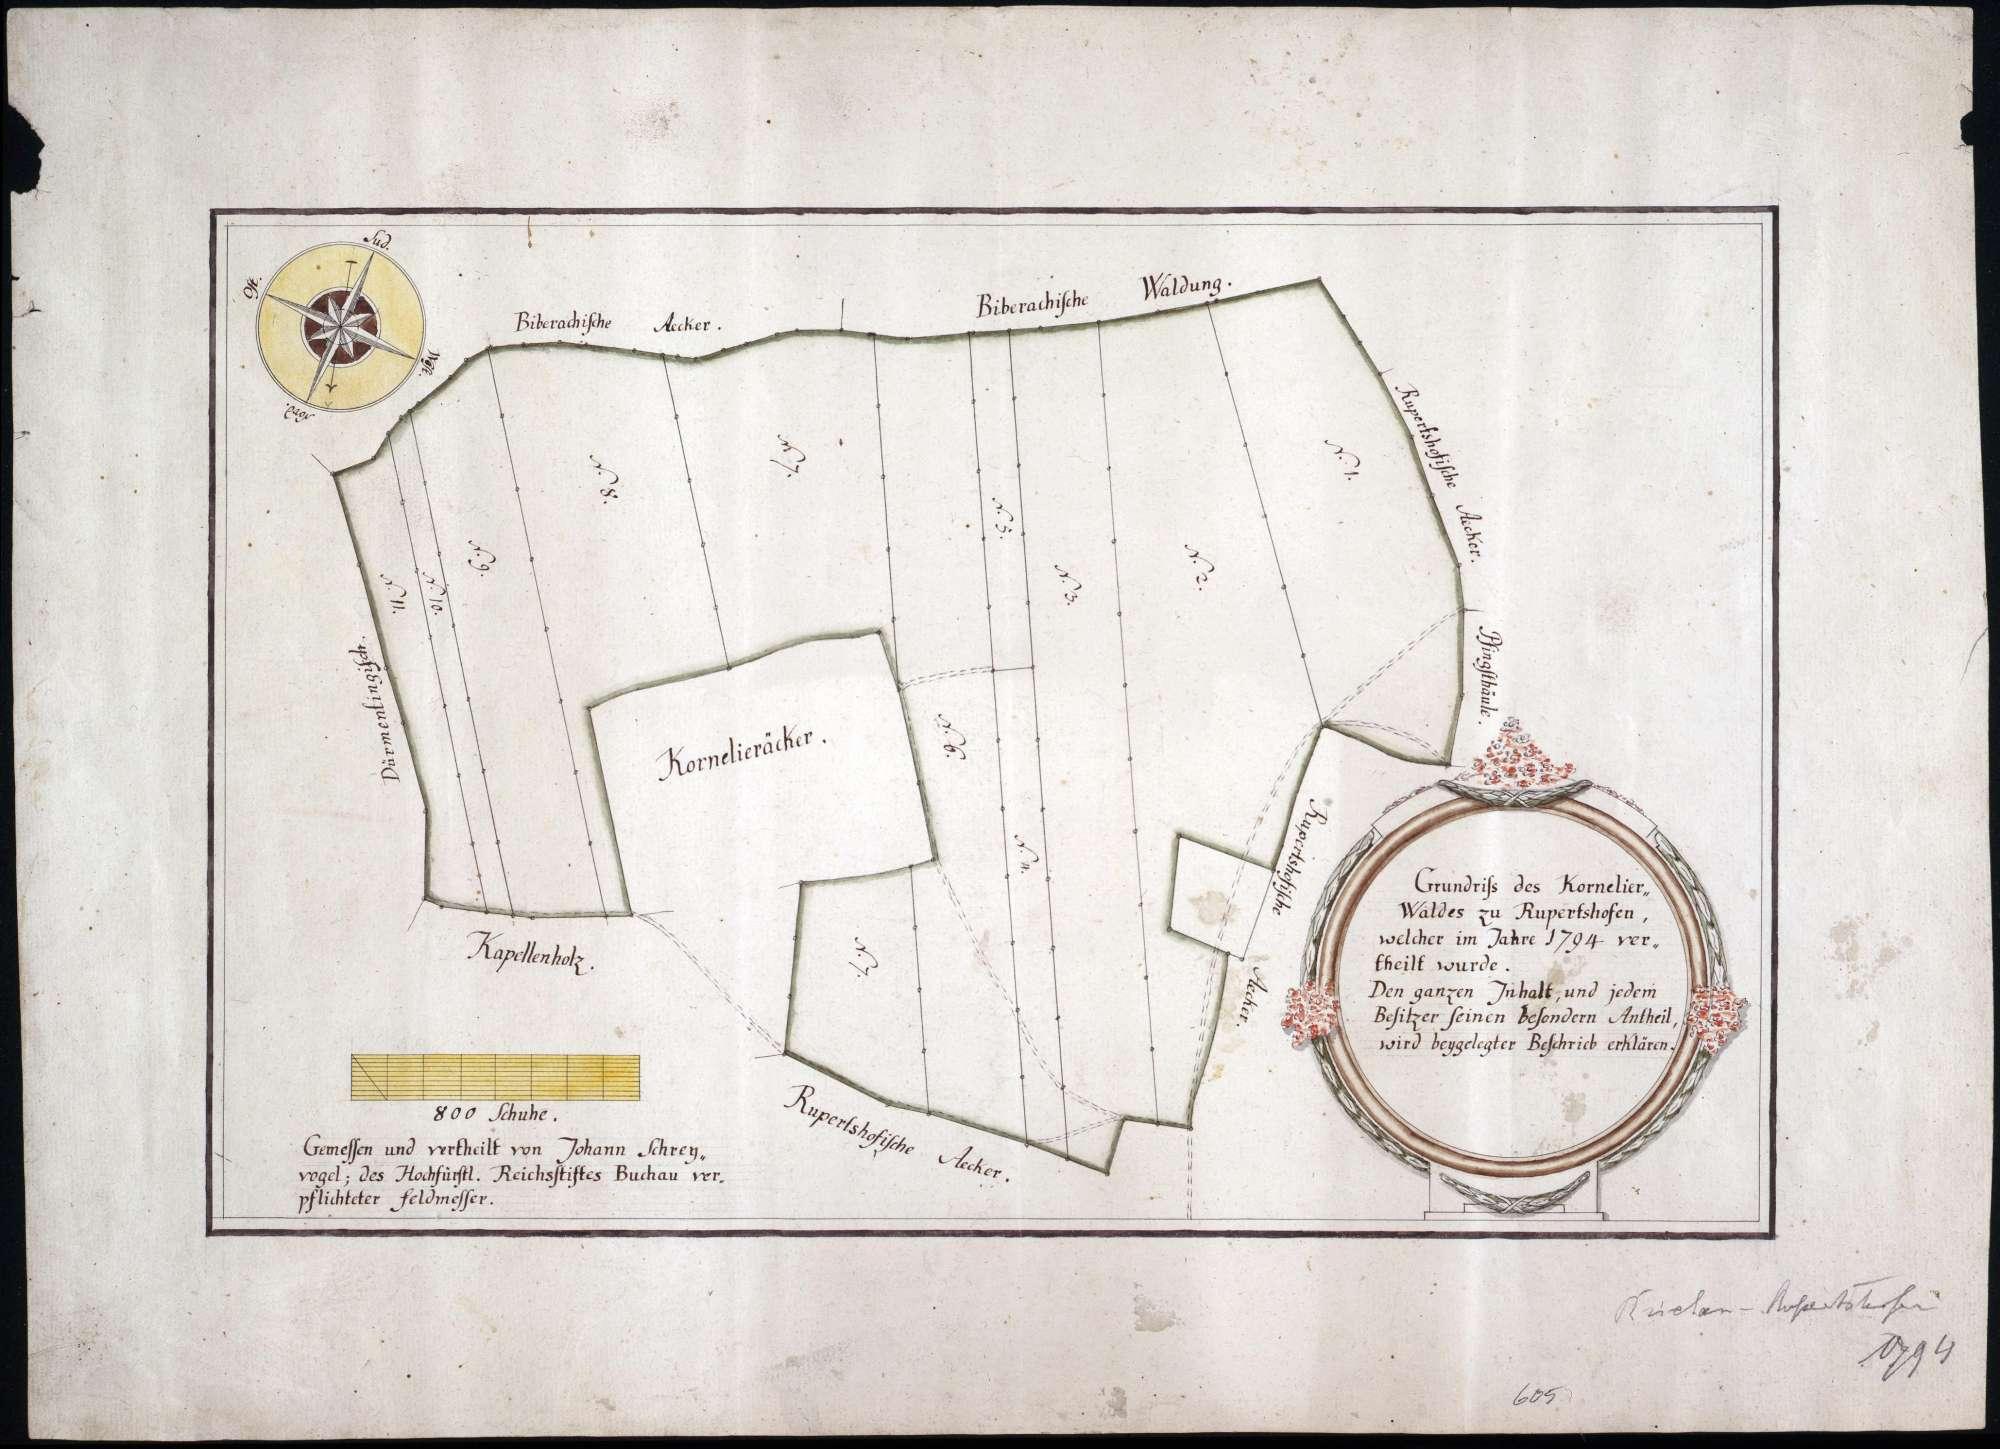 Kornelierwald zu Rupertshofen Maßstab ca. 1 : 3000 Zeichner: Johann Schreyvogel col. handgez., Bild 1